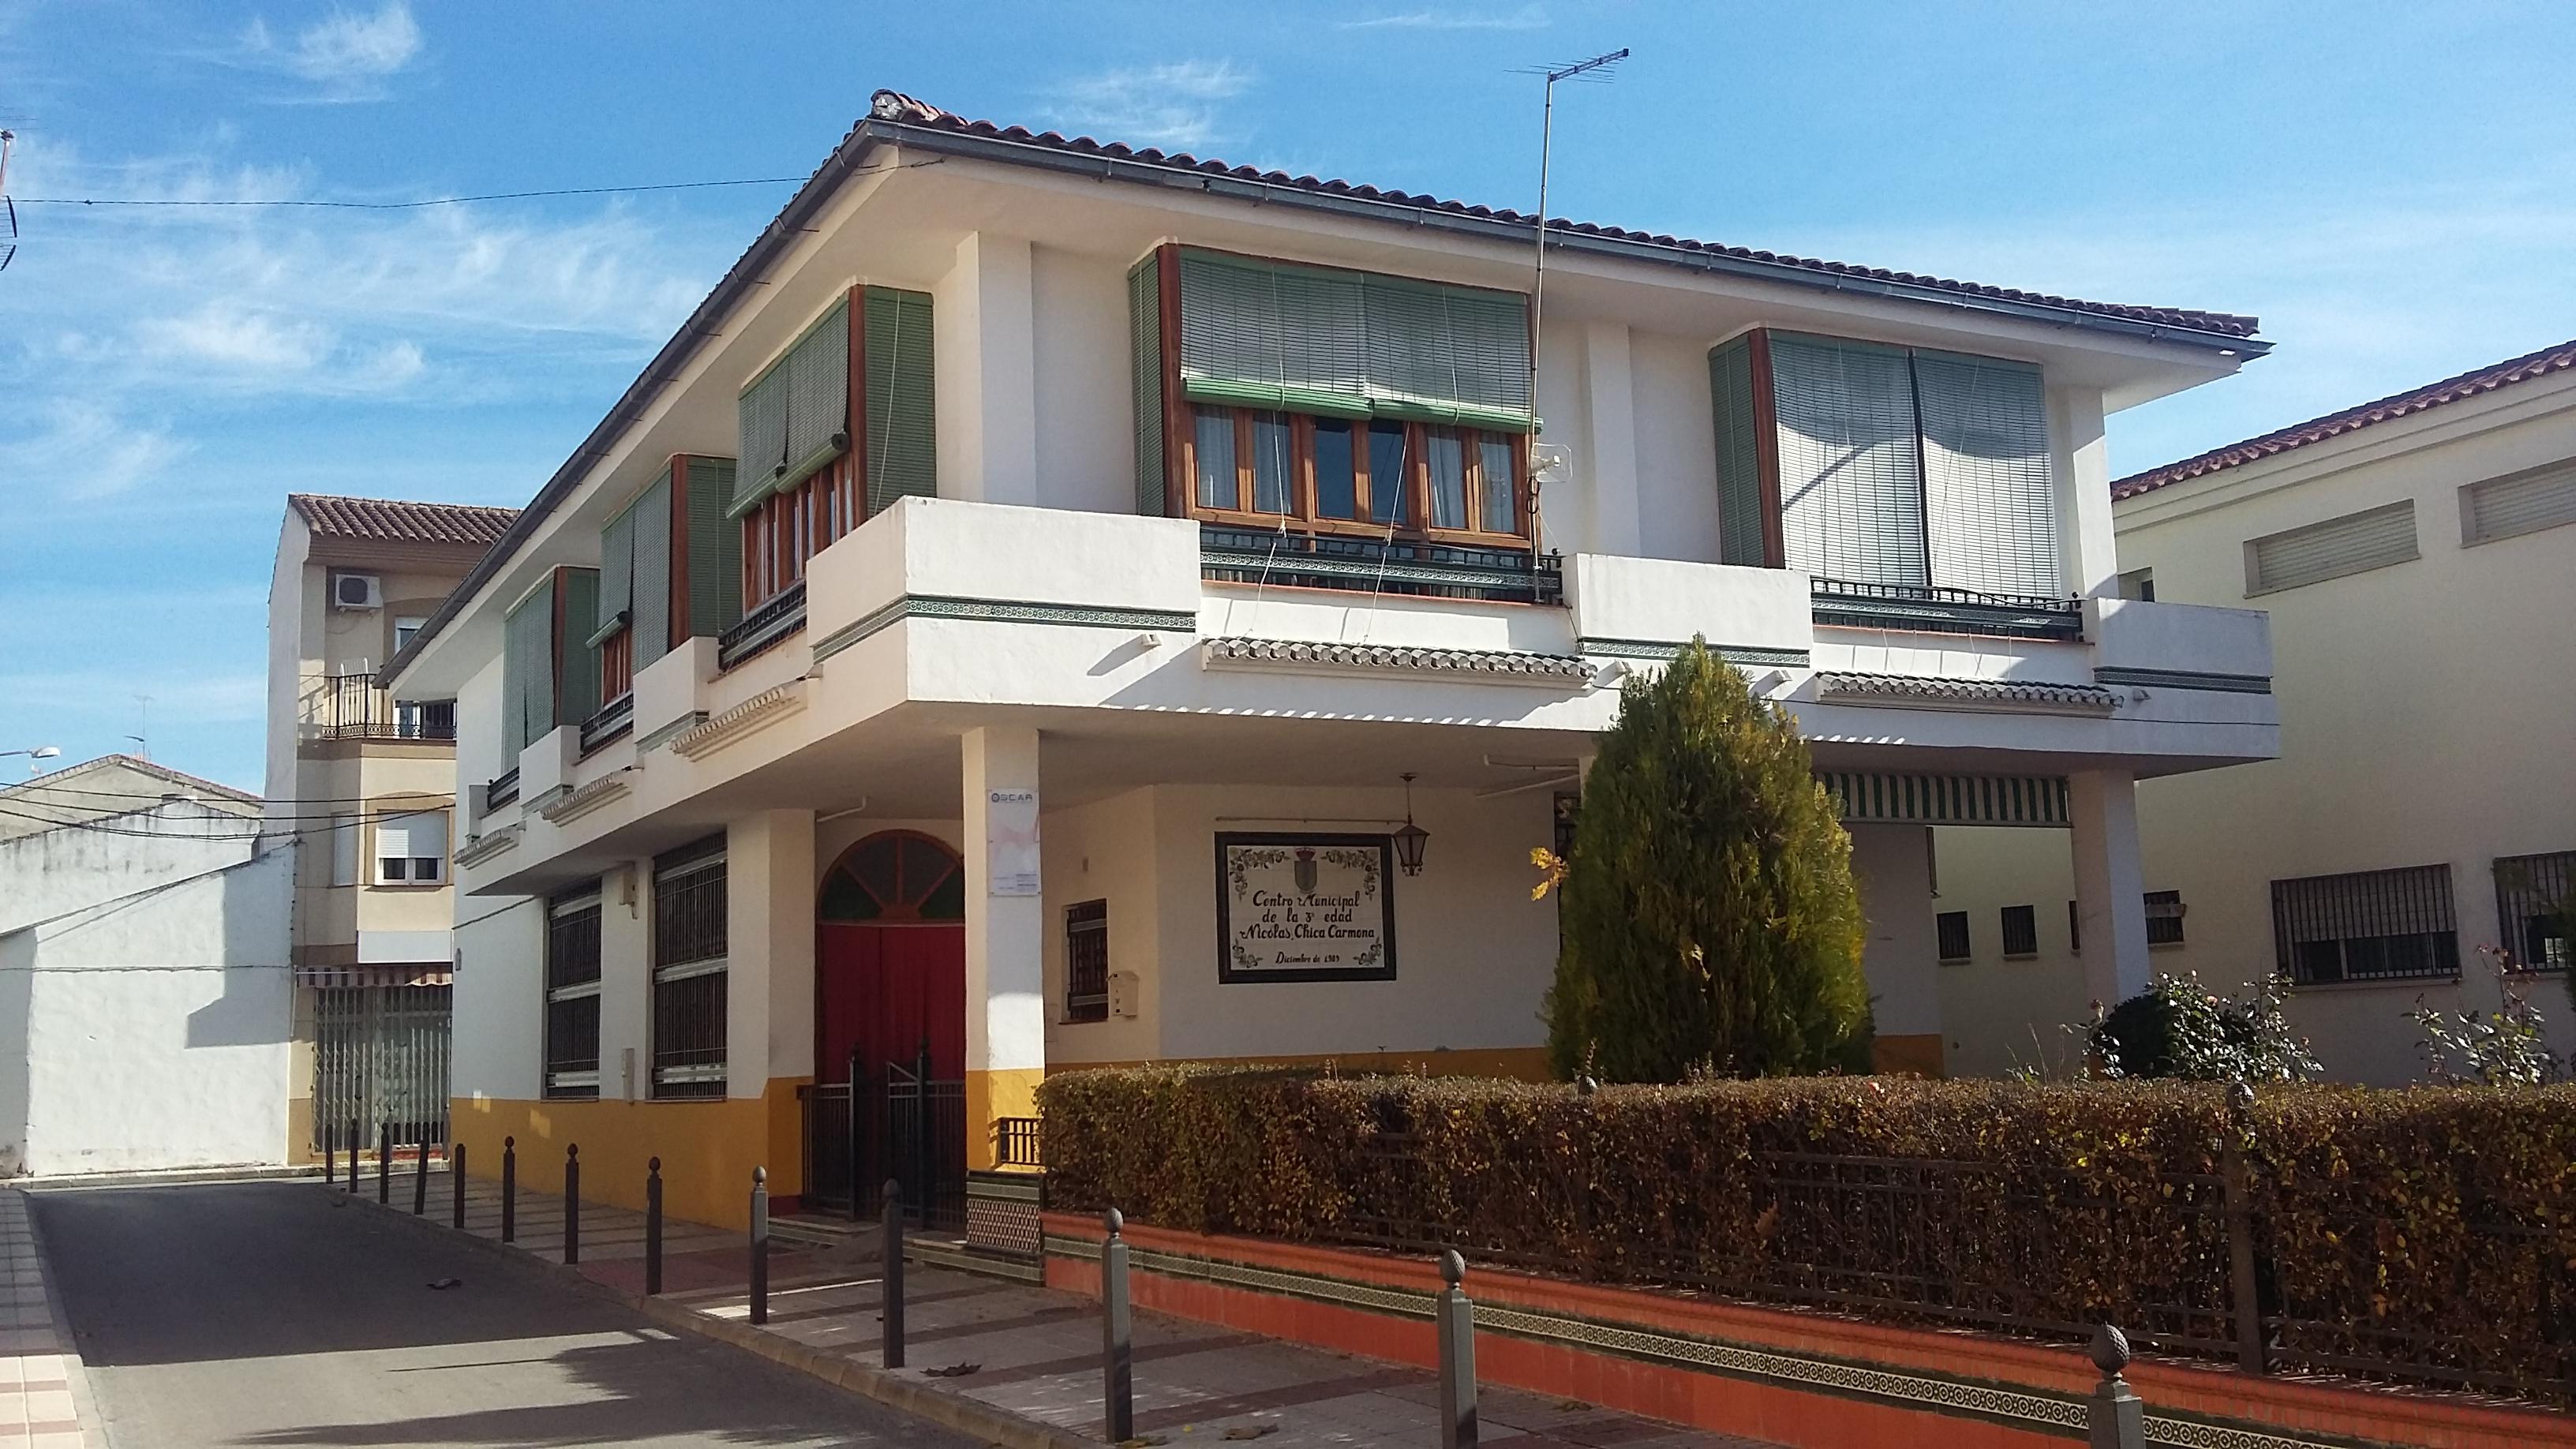 Centro Municipal de Mayores Nicolas Chica. Chauchina